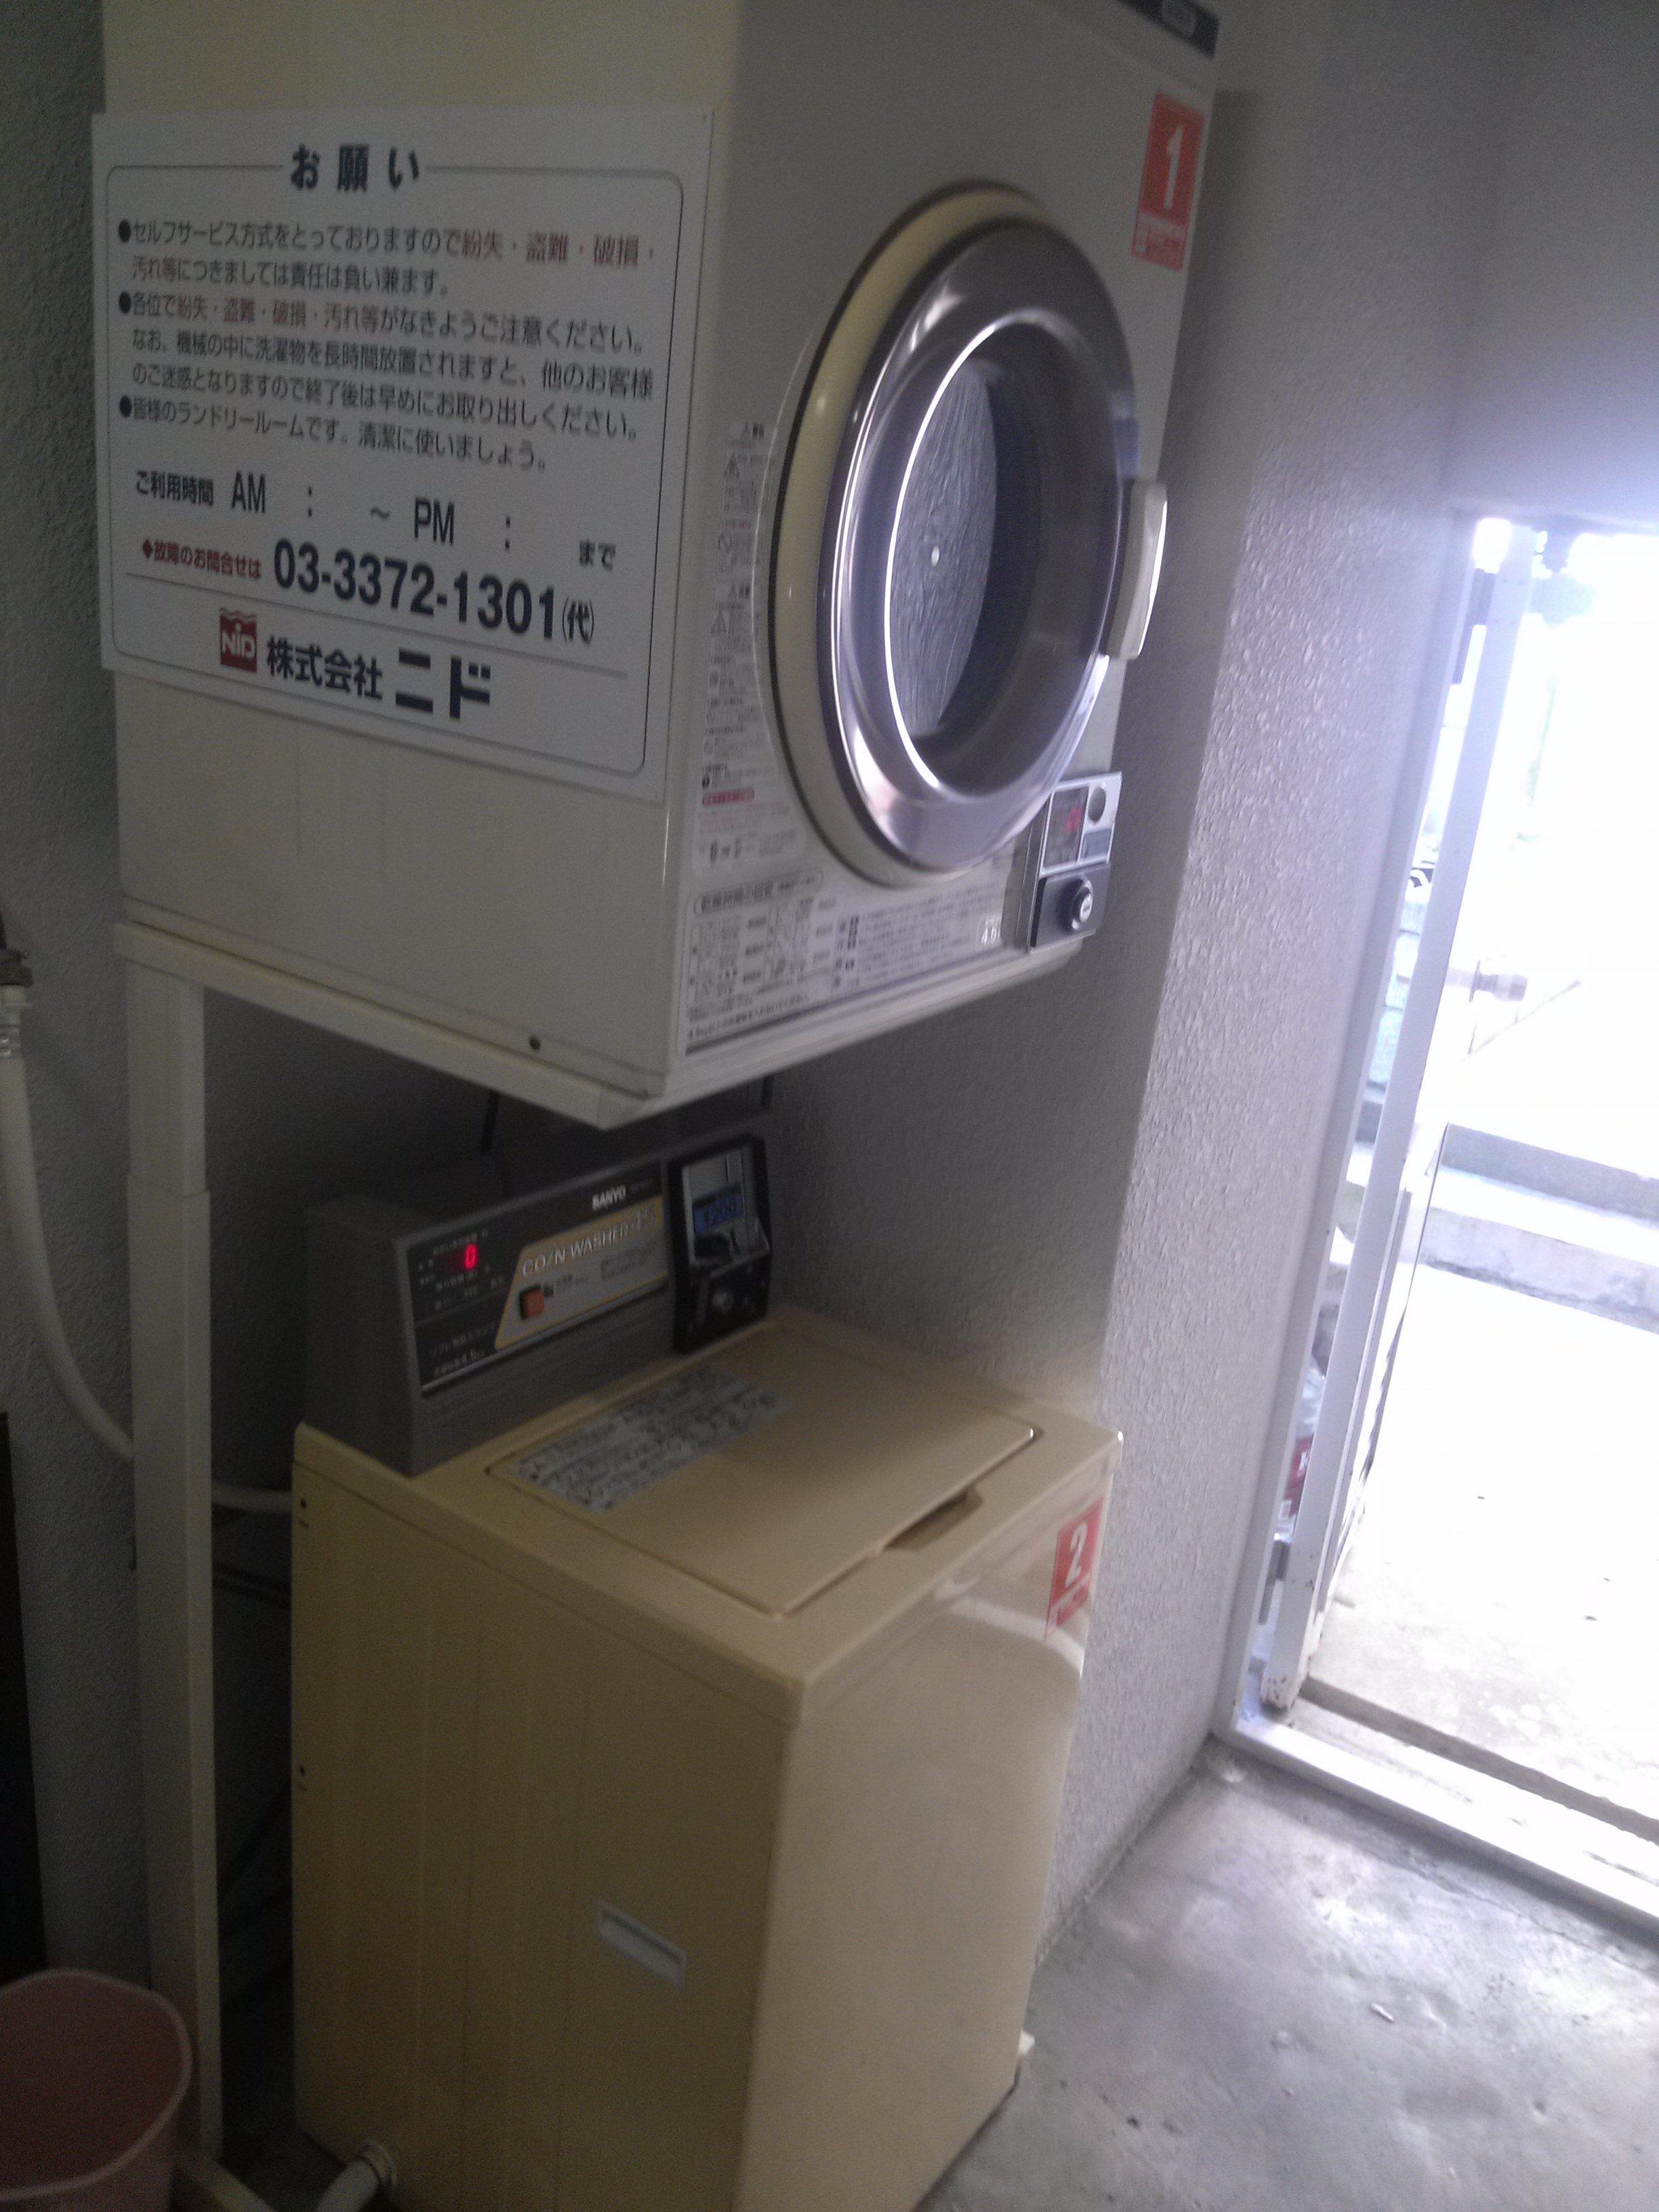 マンション1階にある共同のコインランドリー。洗濯機を買わずに済みますね。